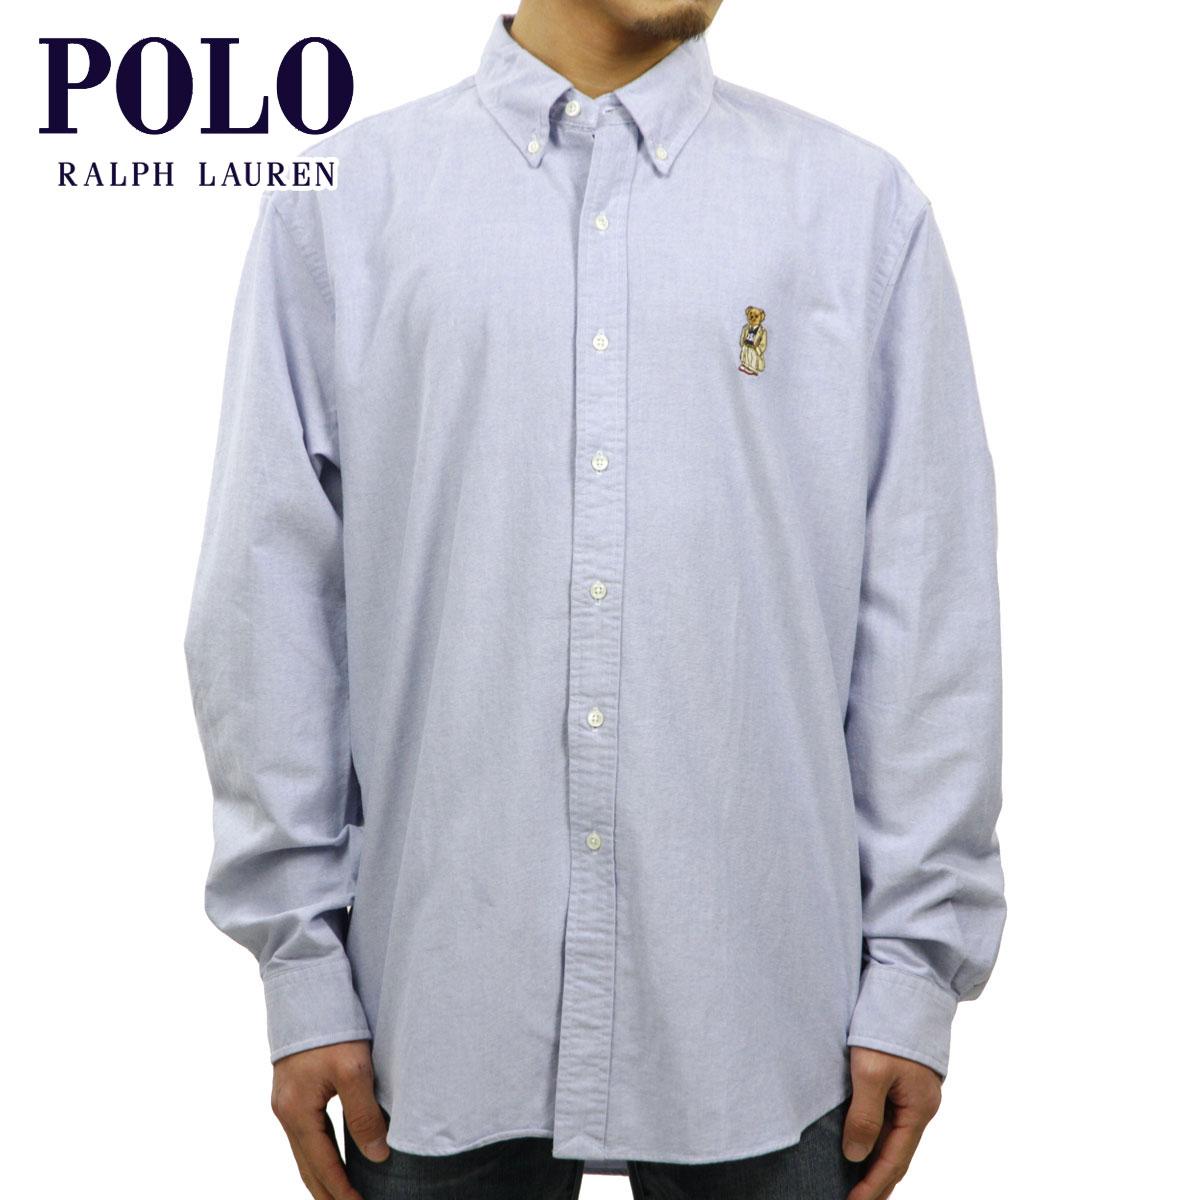 6c84c5ce Polo Ralph Lauren shirt men's regular article POLO RALPH LAUREN long  sleeves shirt Long-Sleeve Oxford Polo Bear Shirt D20S30